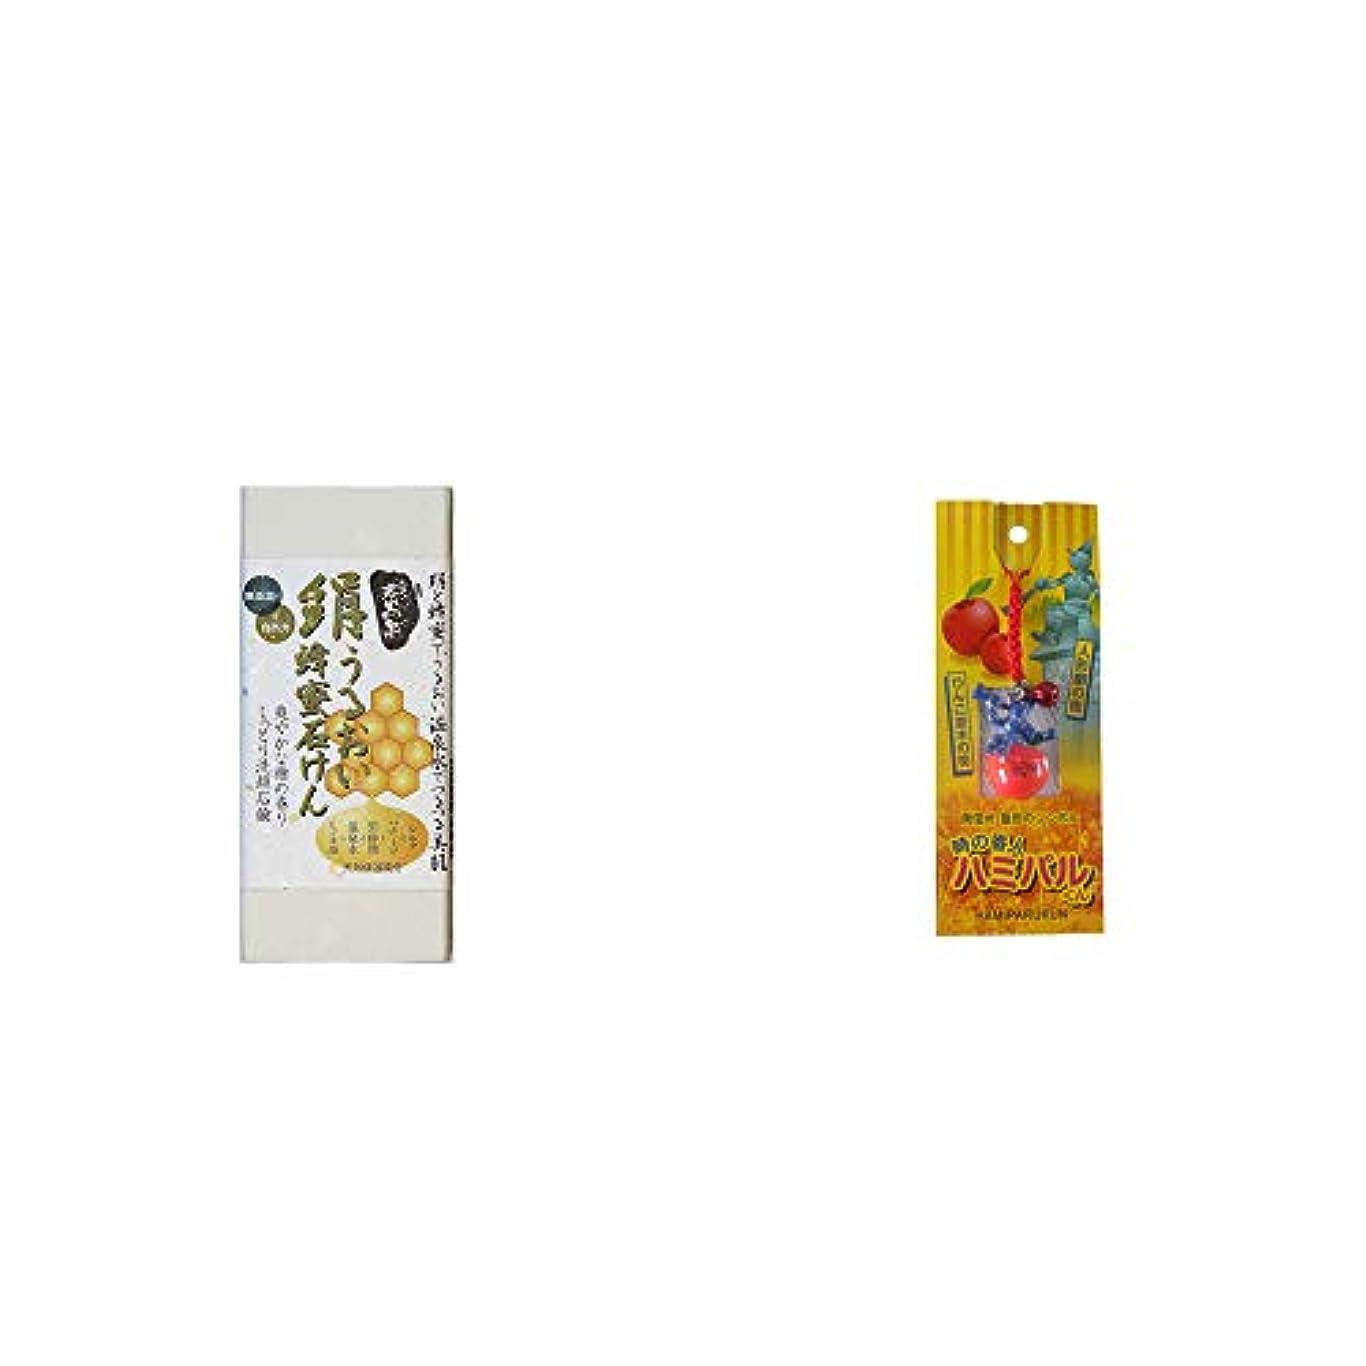 仲人喜んでキャップ[2点セット] ひのき炭黒泉 絹うるおい蜂蜜石けん(75g×2)?信州?飯田のシンボル 時の番人ハミパルくんストラップ